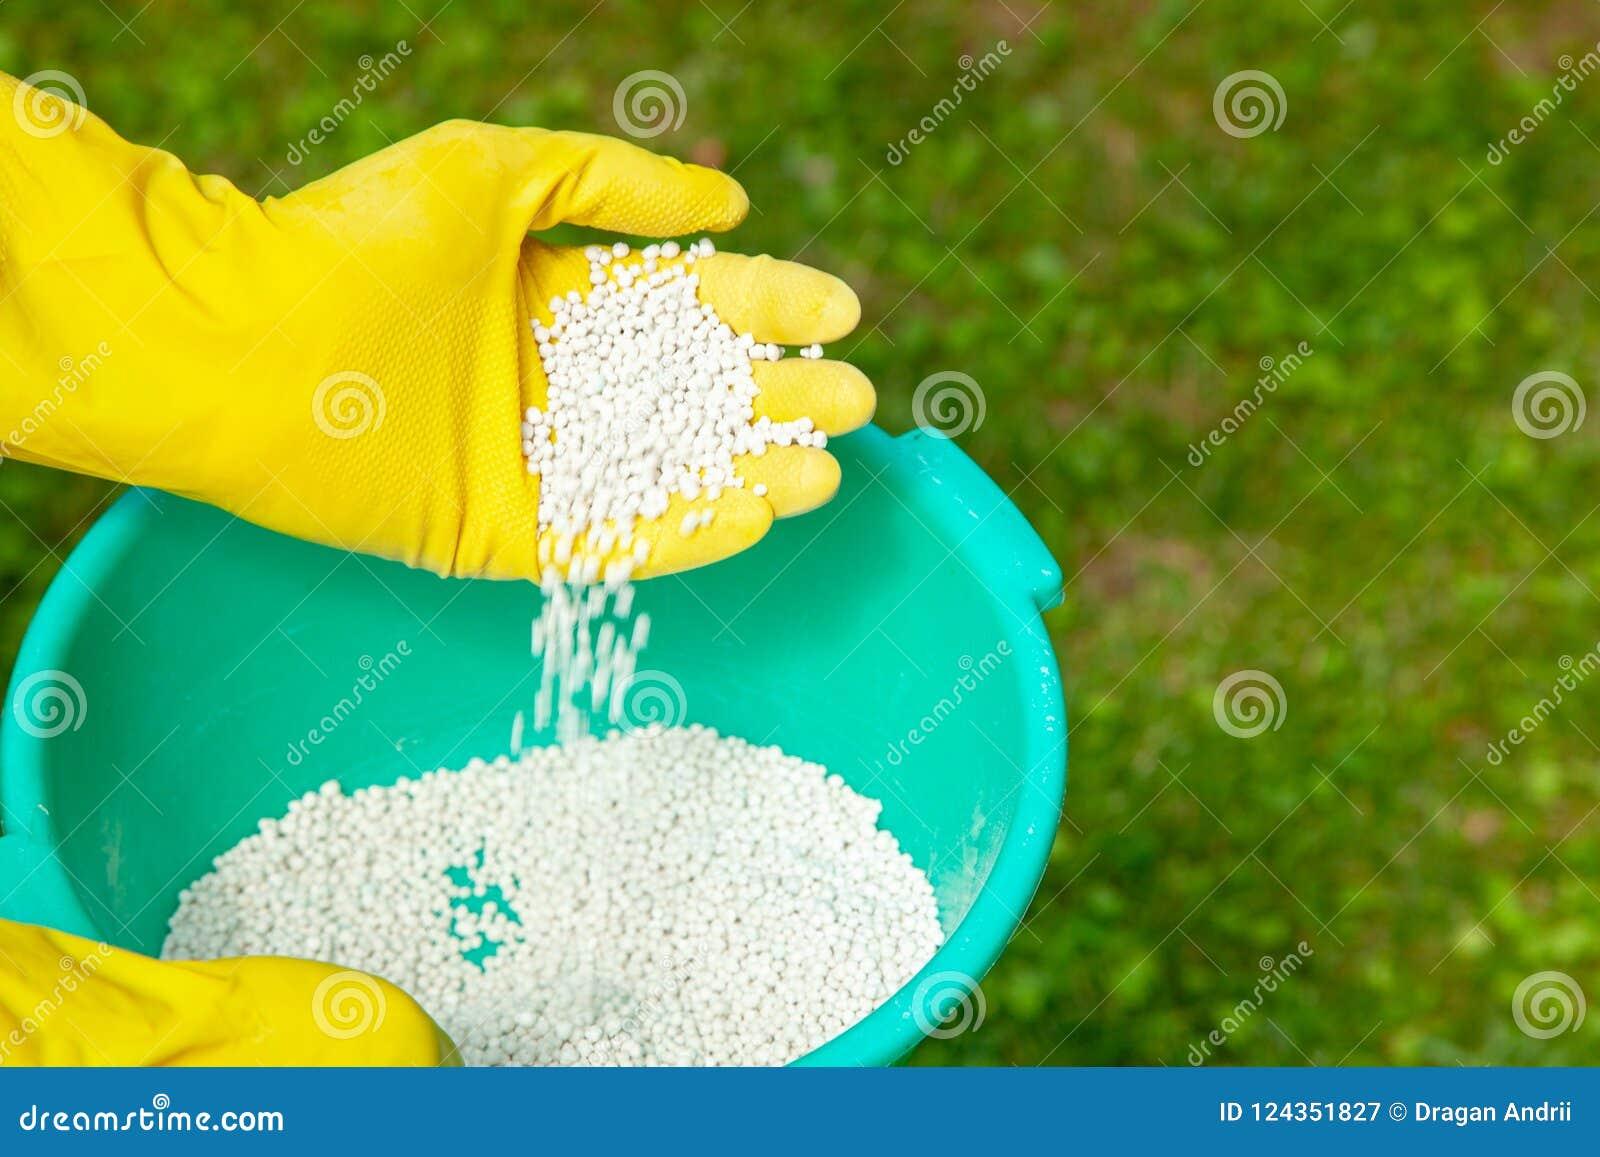 Plantes, pelouses, arbres et fleurs de fertilisation Le jardinier dans les gants tient les boules blanches d engrais sur l herbe